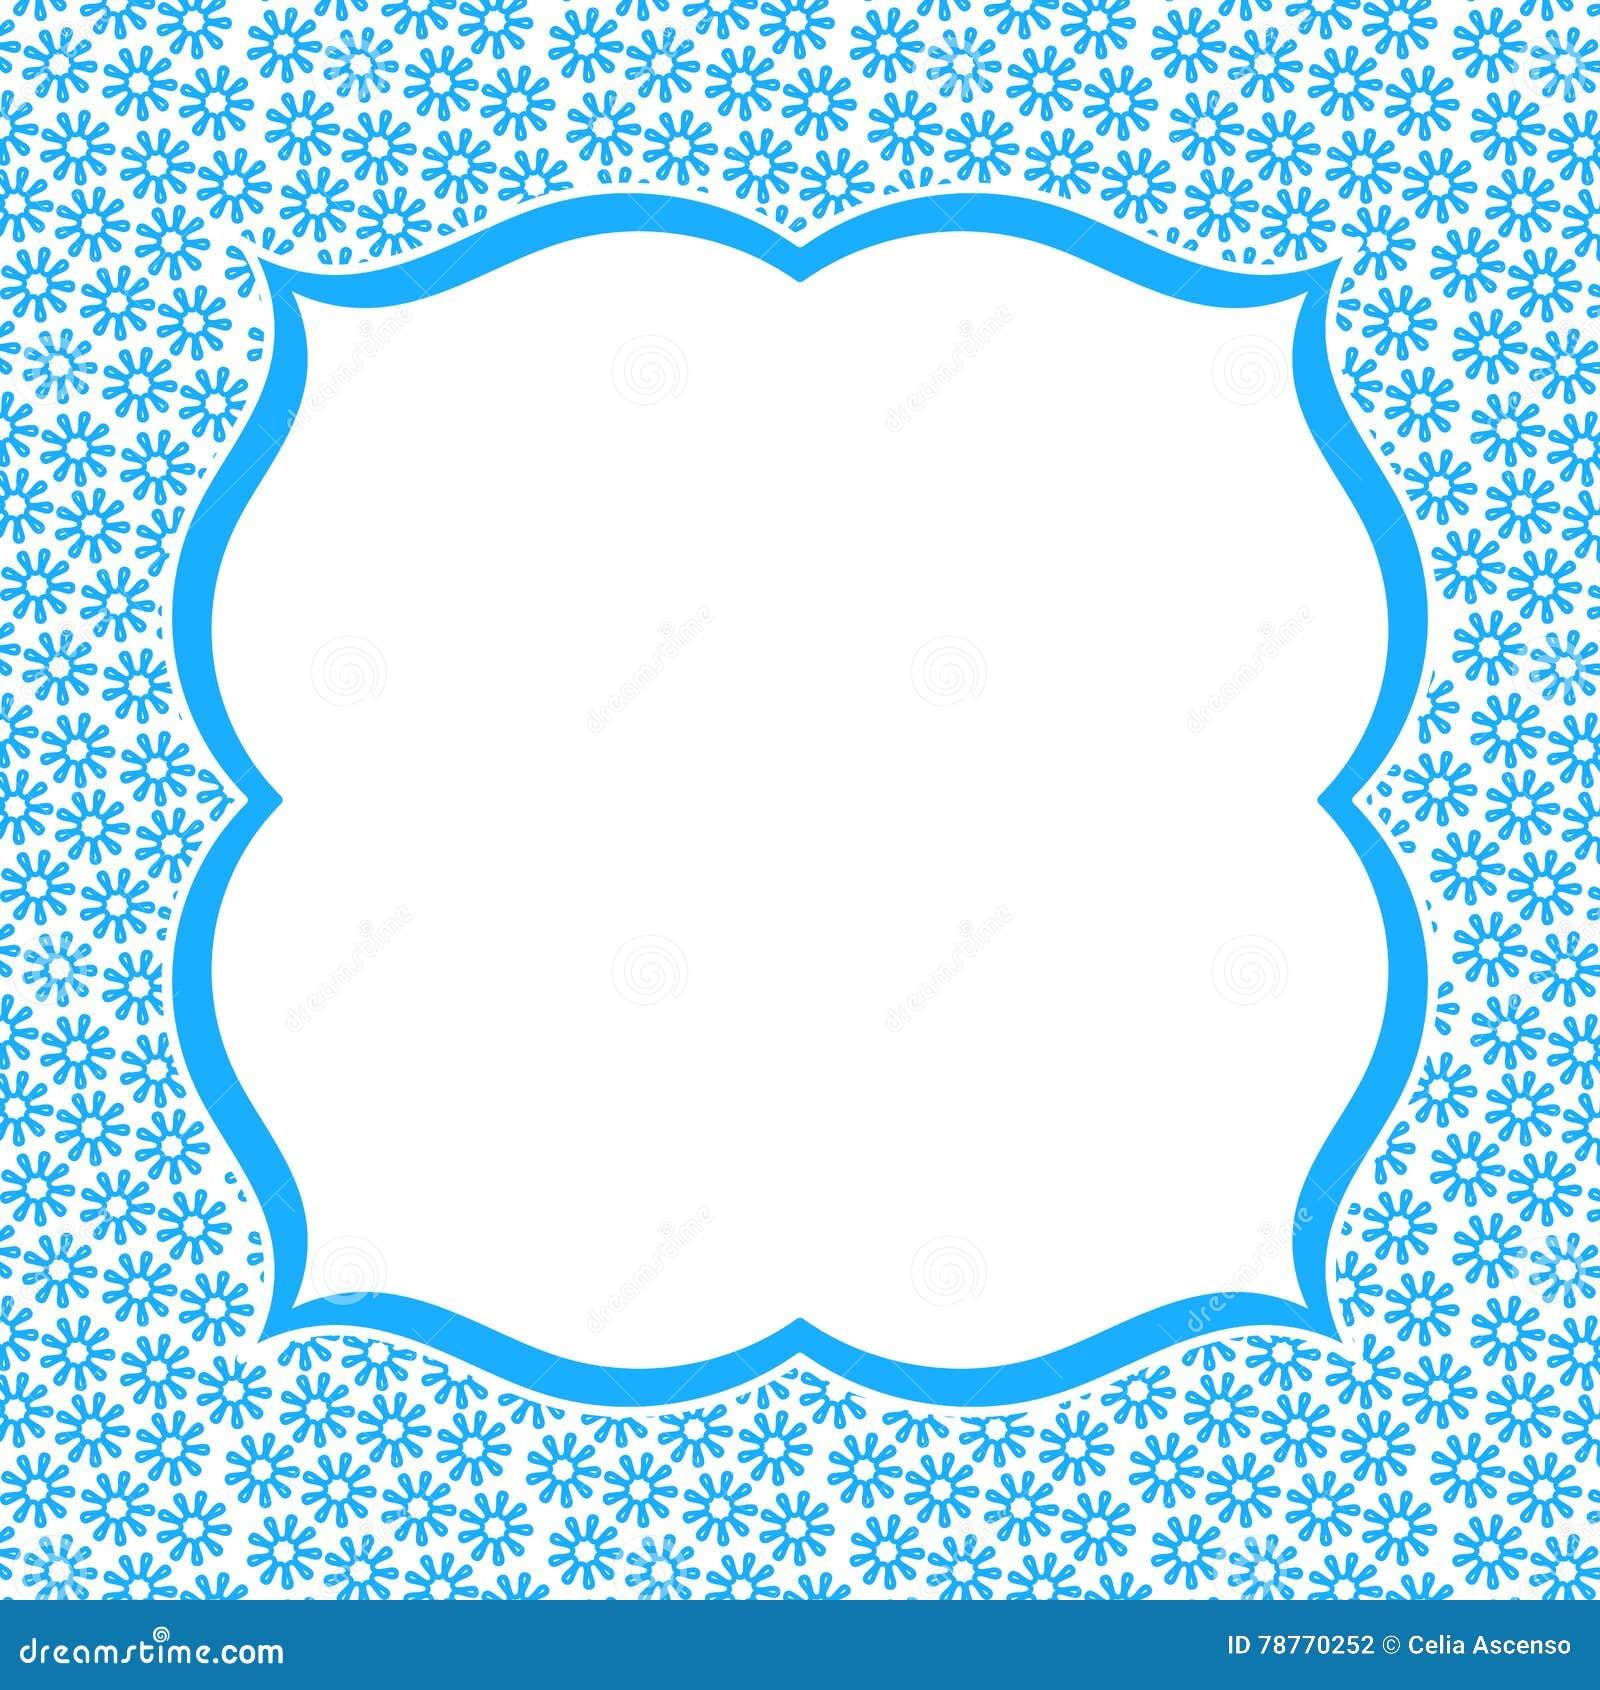 Blue Frame Border Flower Invitation Card Stock Illustration ...